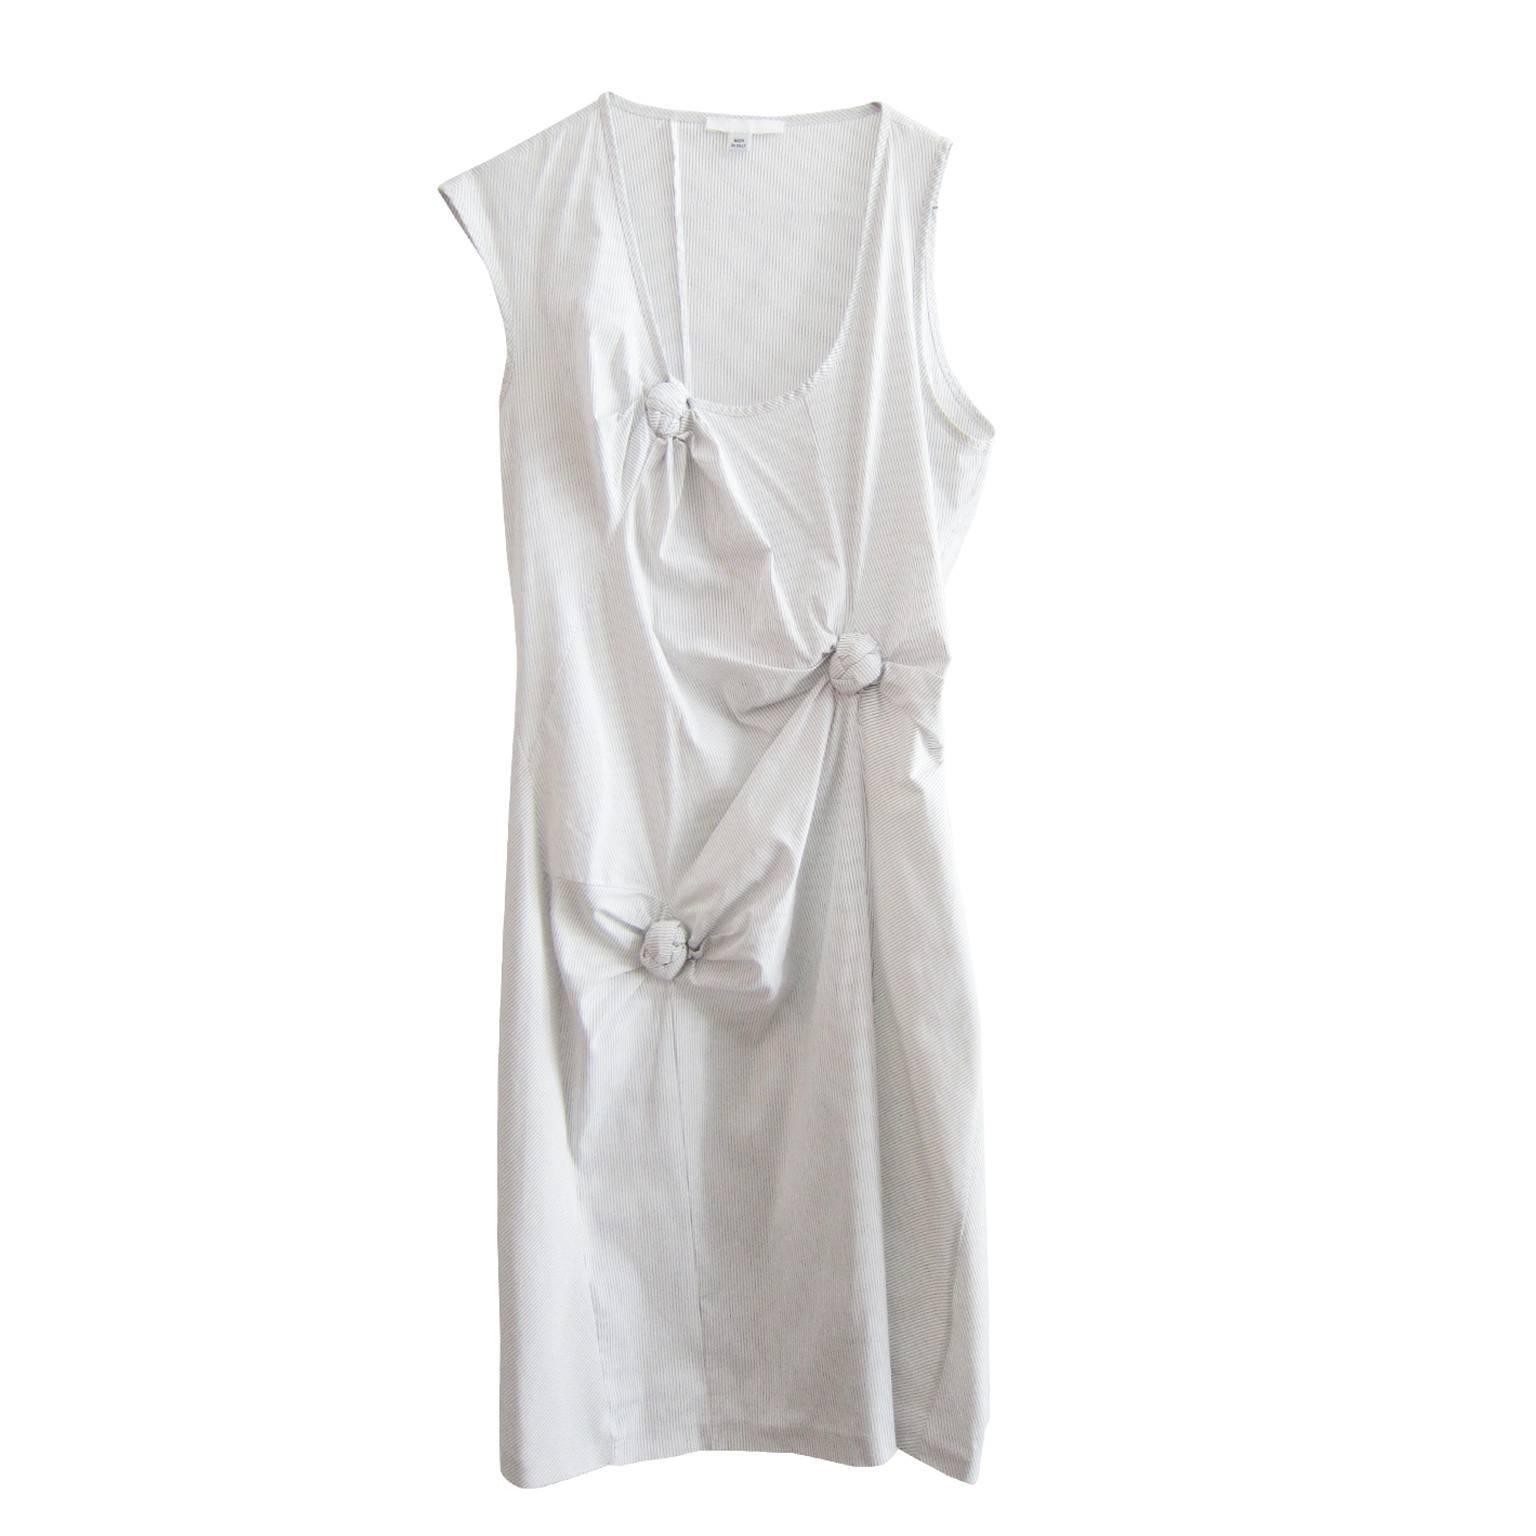 Helmut Lang Archive Knots Dress SS 2005